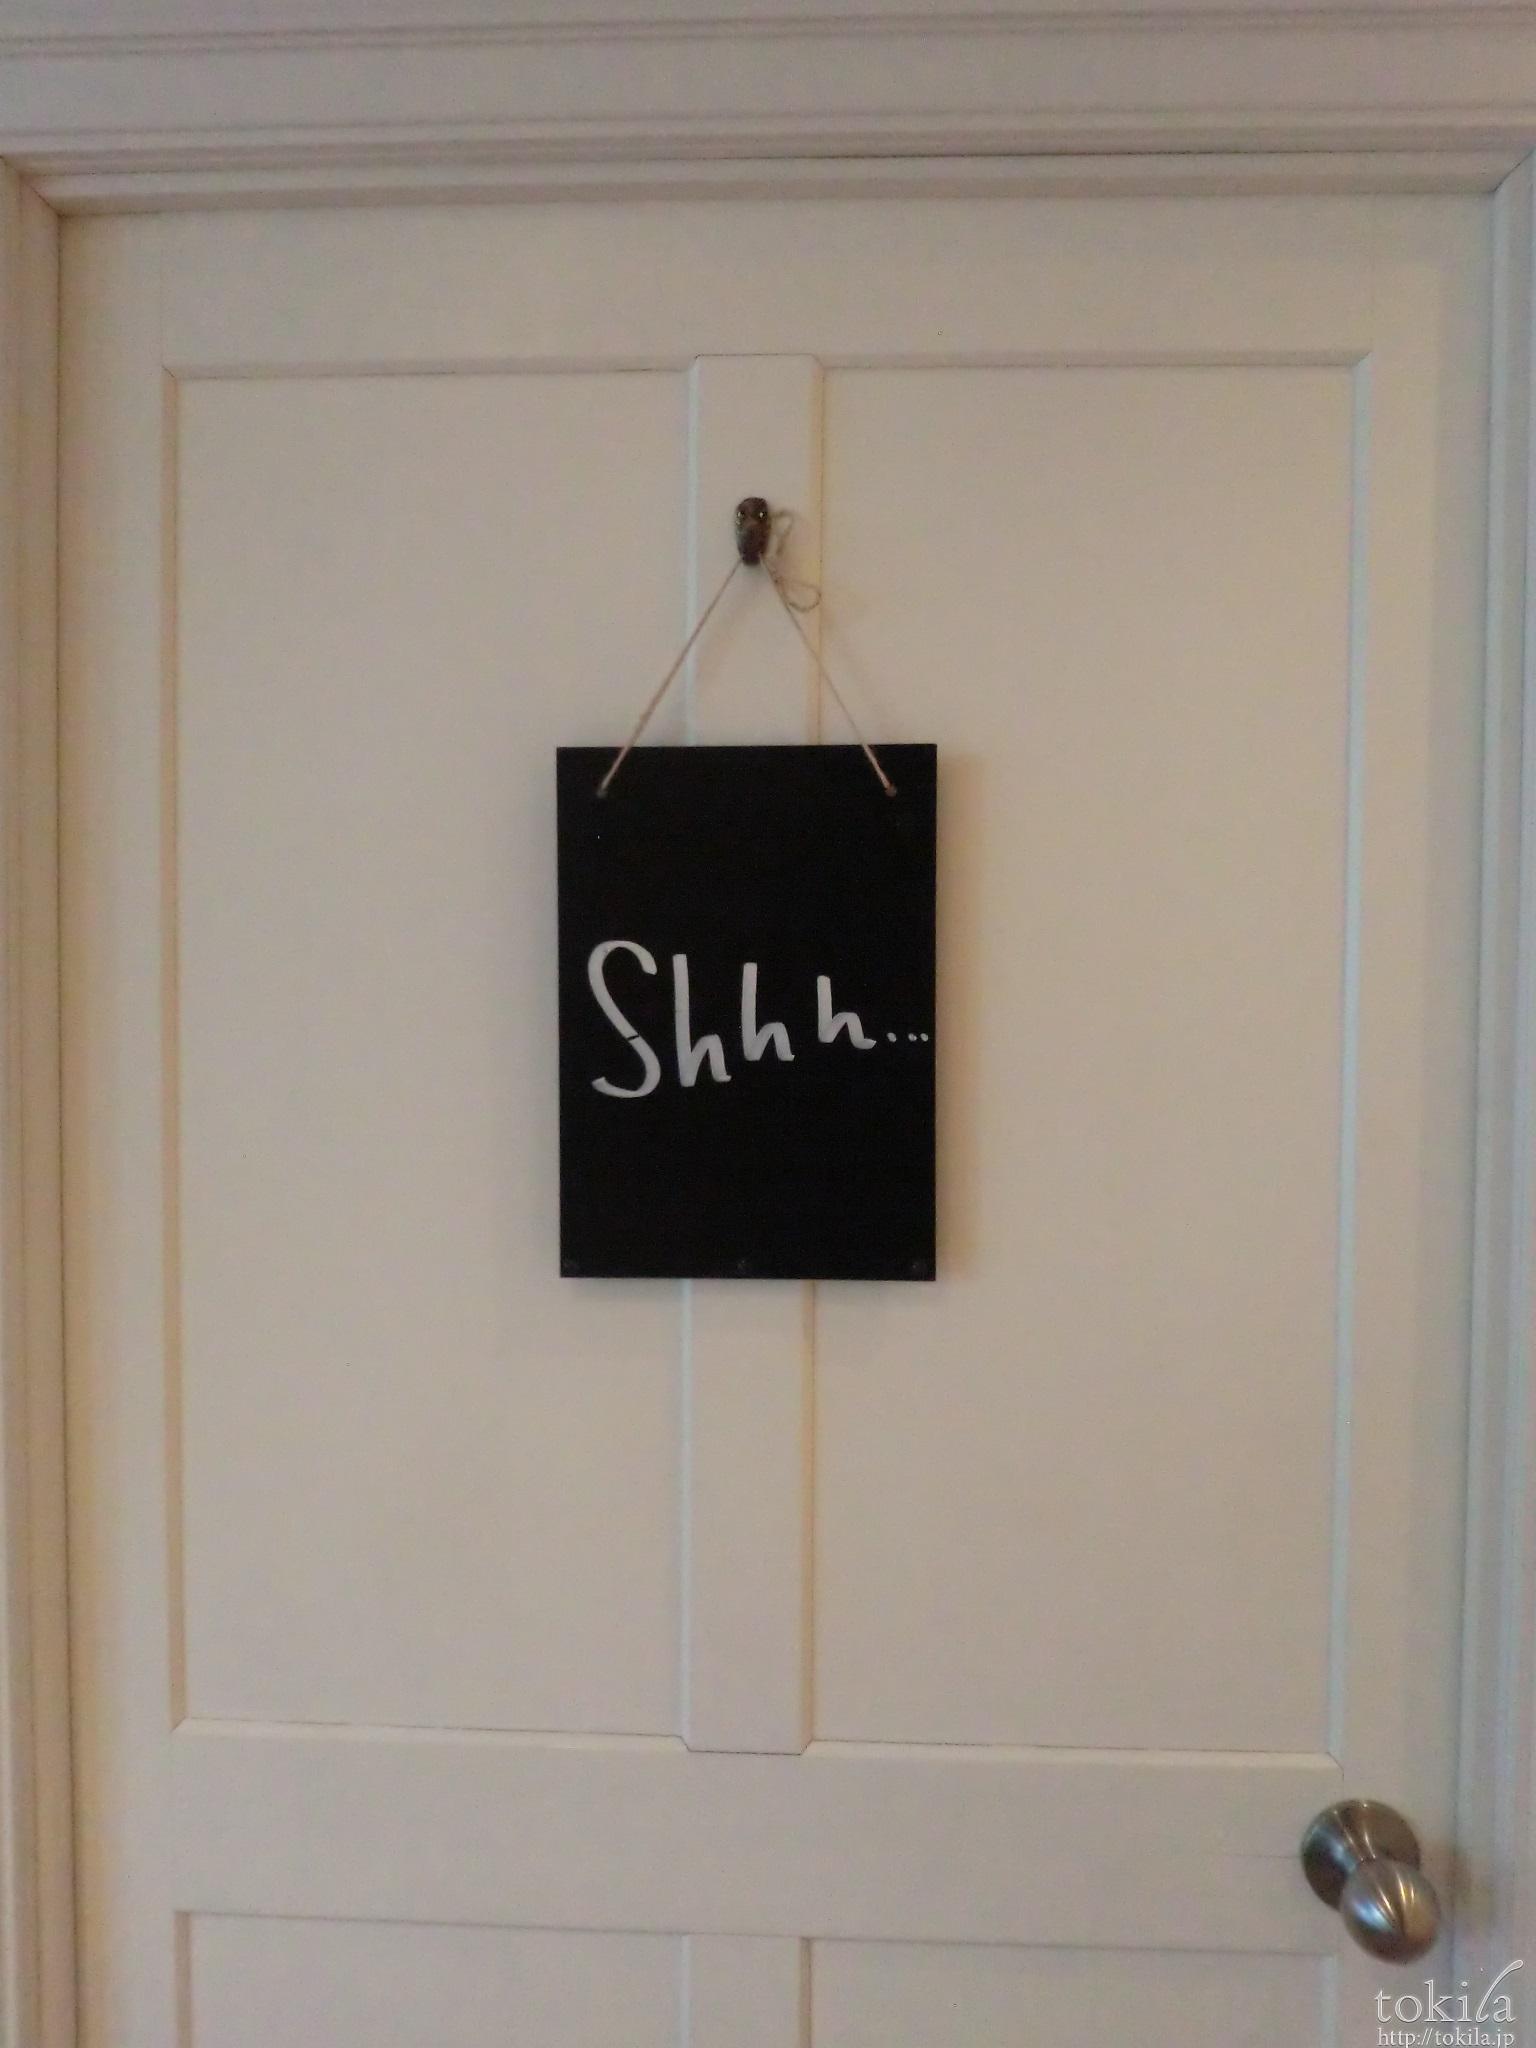 施術部屋の扉の写真